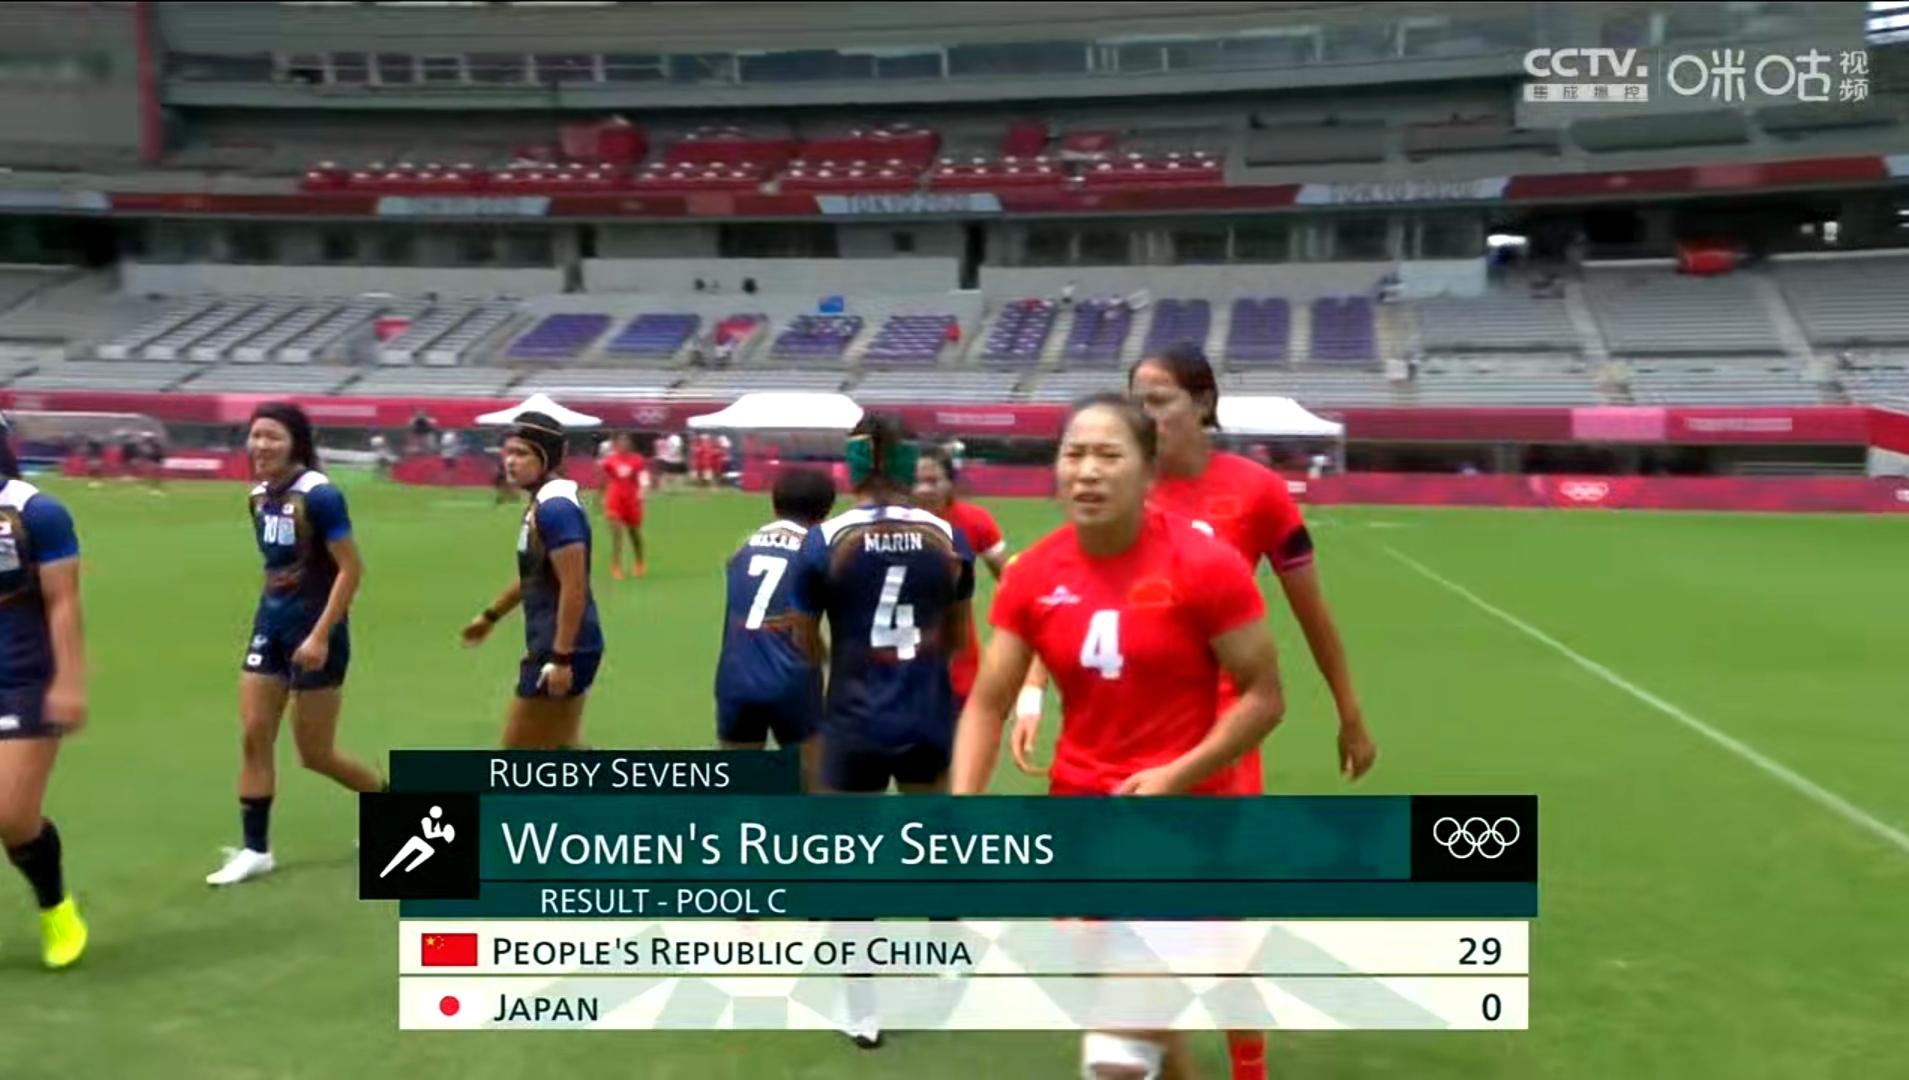 大胜日本 中国女子橄榄球队赢得出线生死战